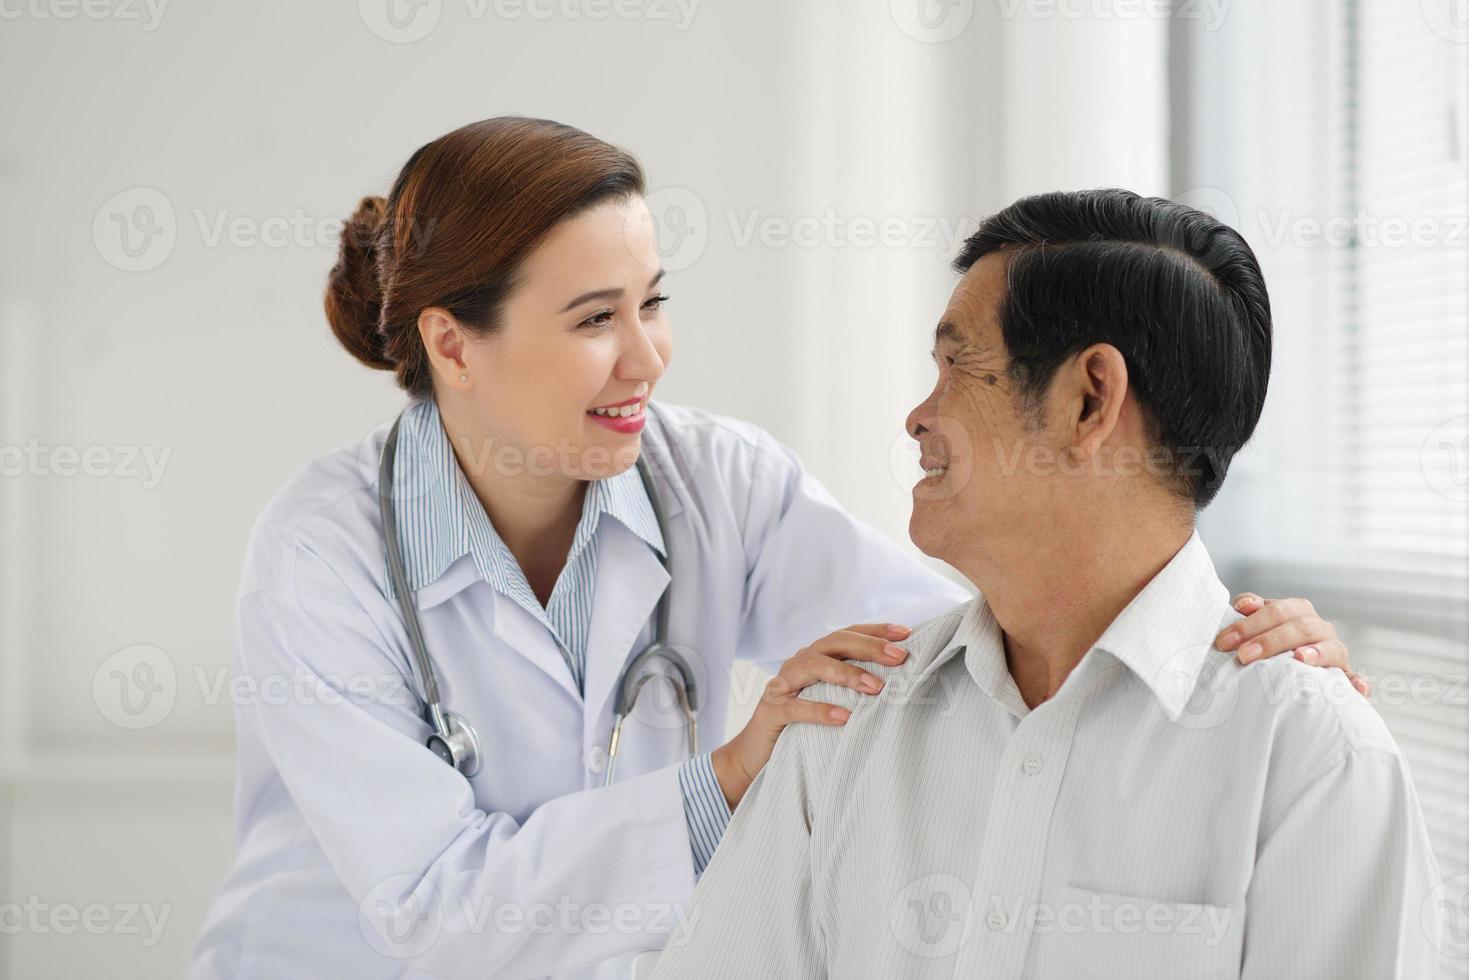 tranquilizando um paciente foto